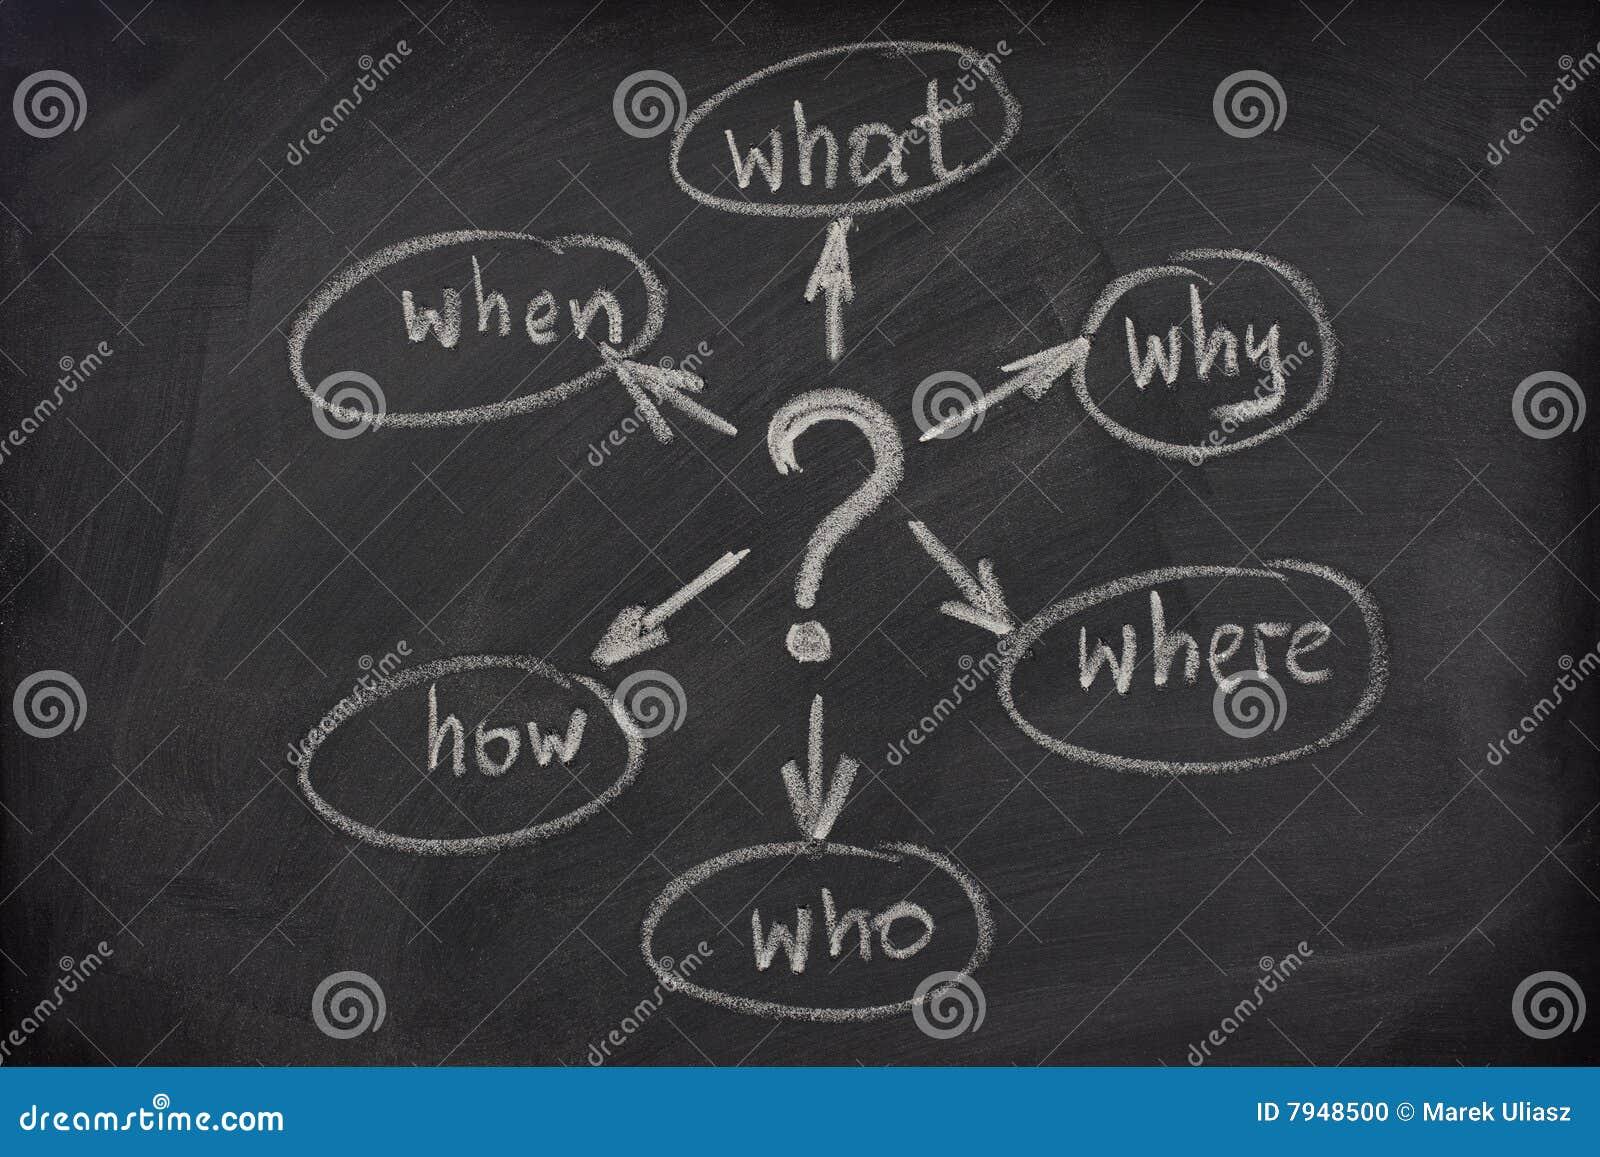 De kaart van de mening met vragen over een bord